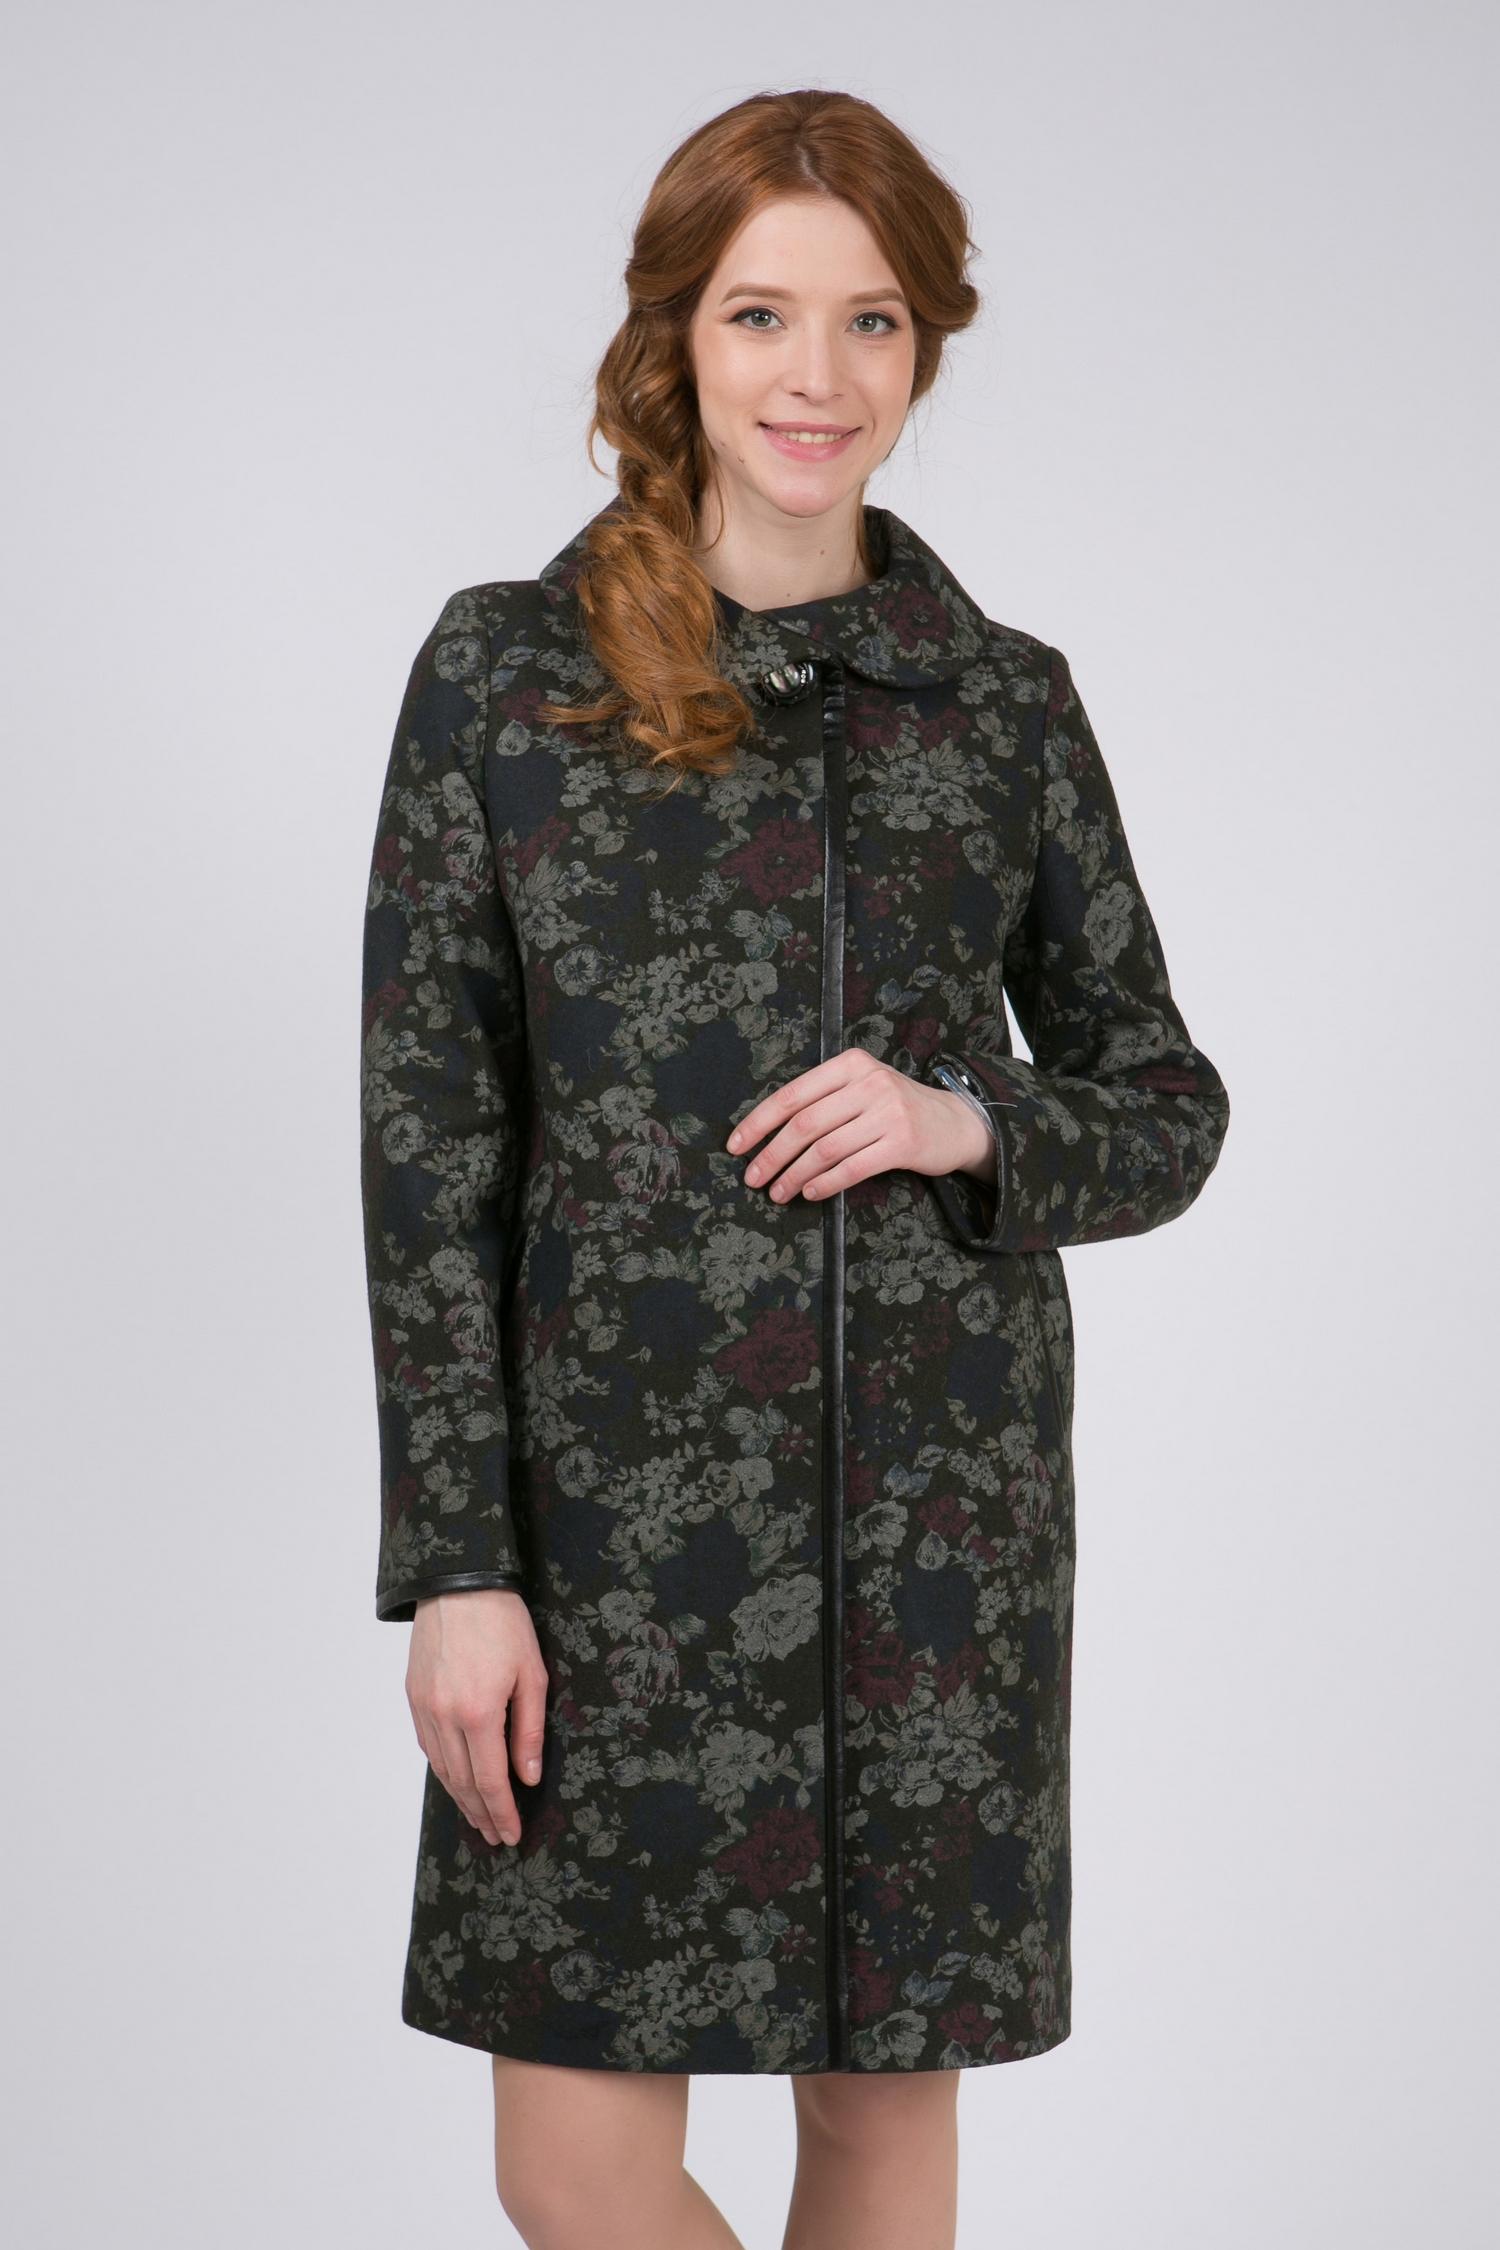 Женское пальто с воротником, без отделкиСтильное и одновременно элегантное шерстяное пальто, выполненное из натуральных итальянских тканей с использованием высококачественной фурнитуры. Сочетает в себе<br>безупречный крой и оригинальное дизайнерское решение.<br>Модель представляет собой не просто верхнюю одежду, это - must have для любой модницы.<br><br>Воротник: отложной<br>Длина см: Длинная (свыше 90)<br>Материал: Комбинированный состав<br>Цвет: зеленый<br>Вид застежки: косая<br>Застежка: на кнопки<br>Пол: Женский<br>Размер RU: 56